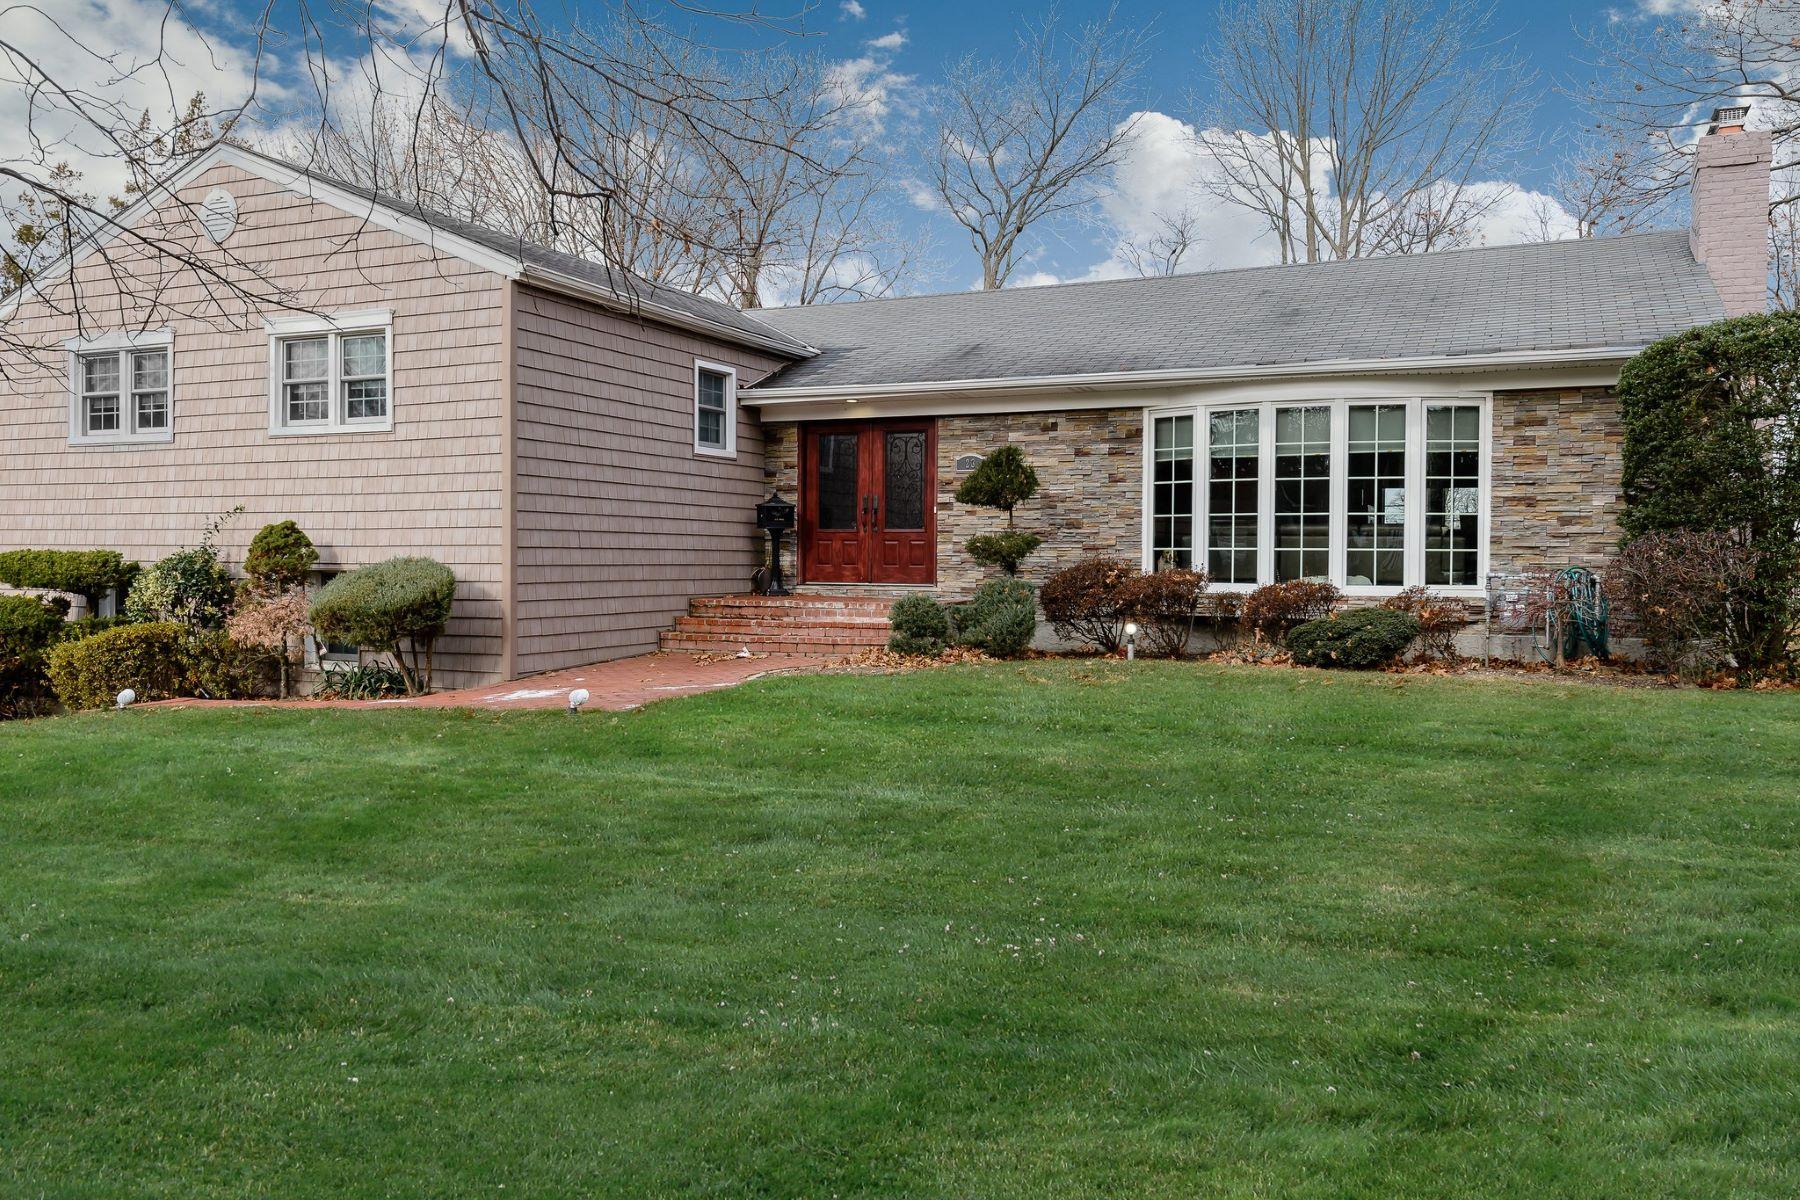 独户住宅 为 销售 在 23 Lakeville Dr , East Hills, NY 11576 23 Lakeville Dr, 东希尔斯, 纽约州, 11576 美国